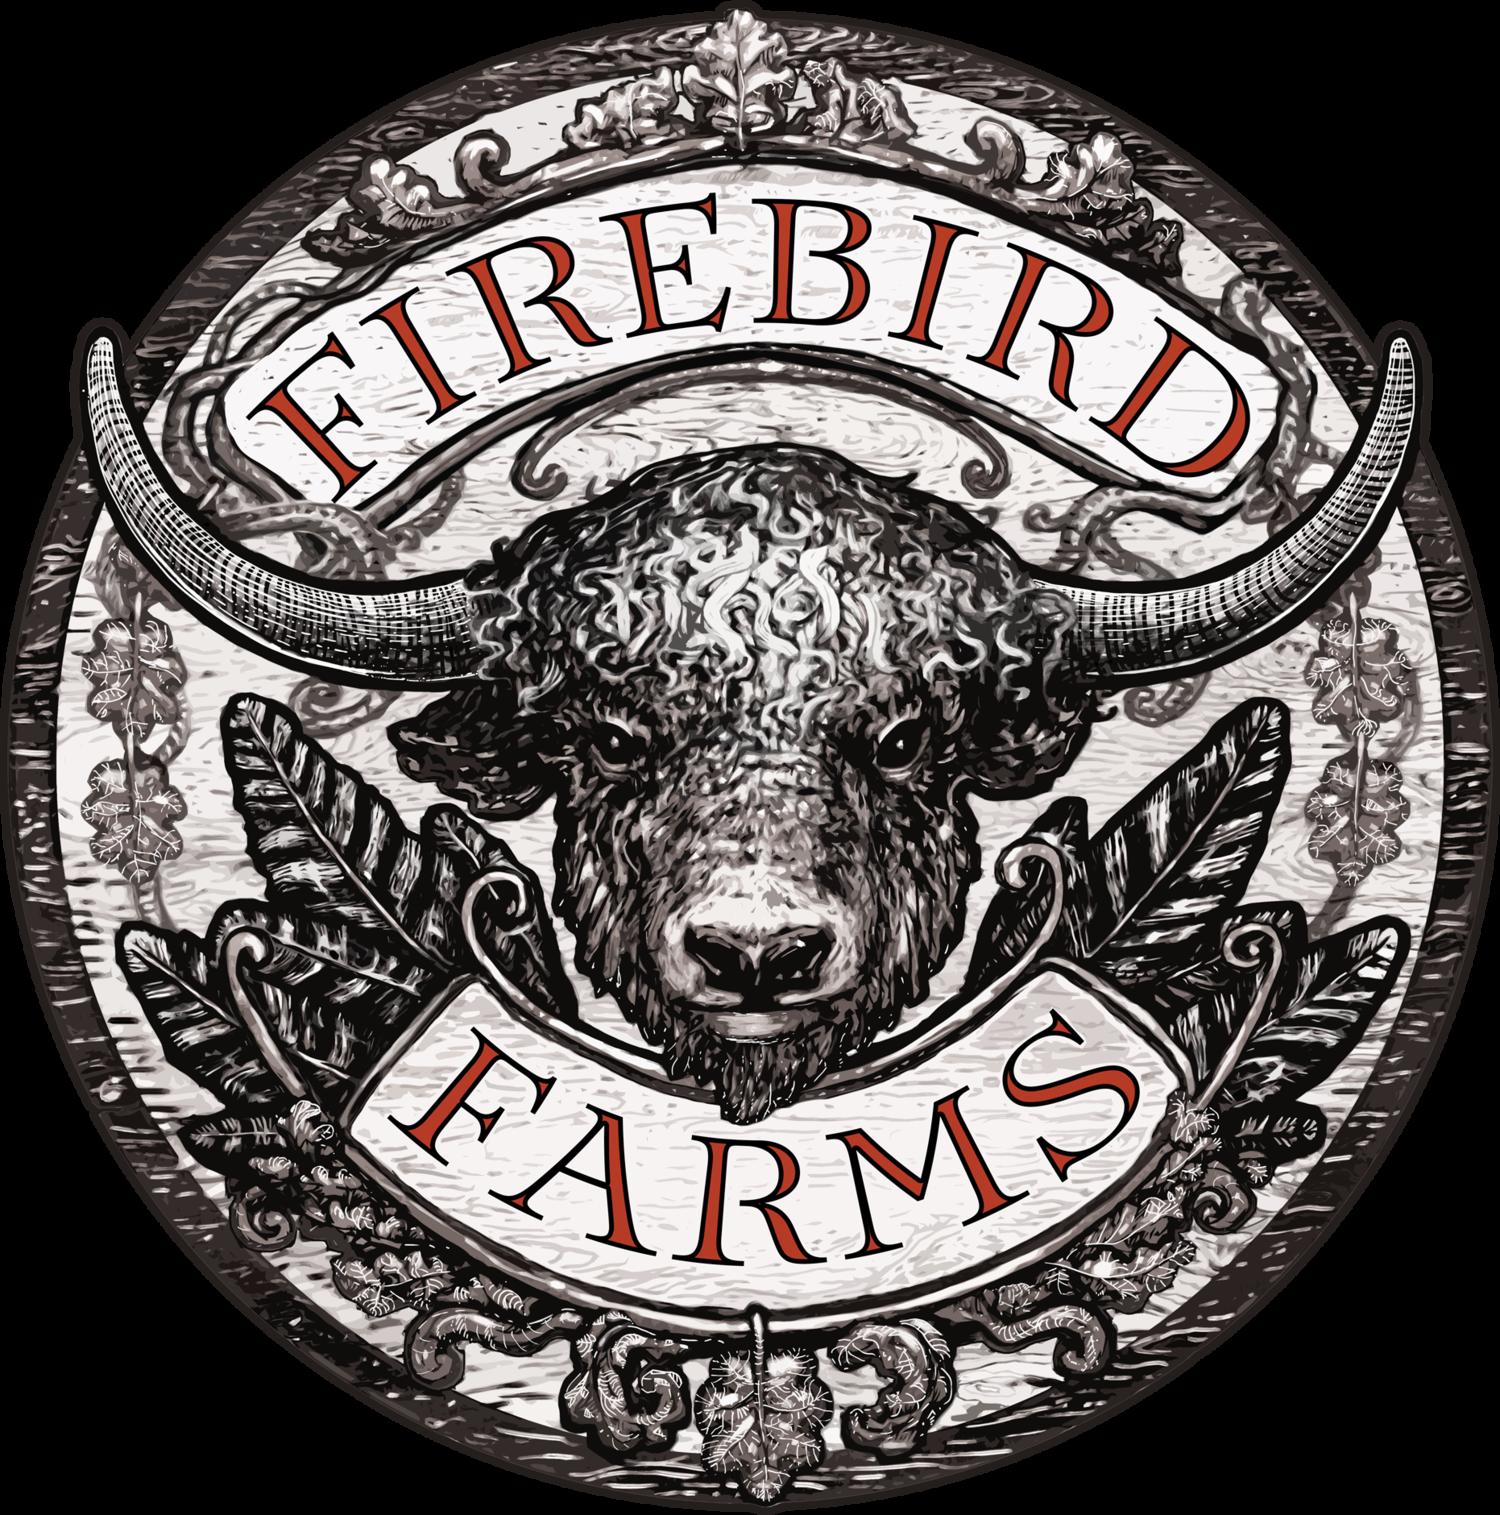 Sophia Weiss of    Firebird Farms